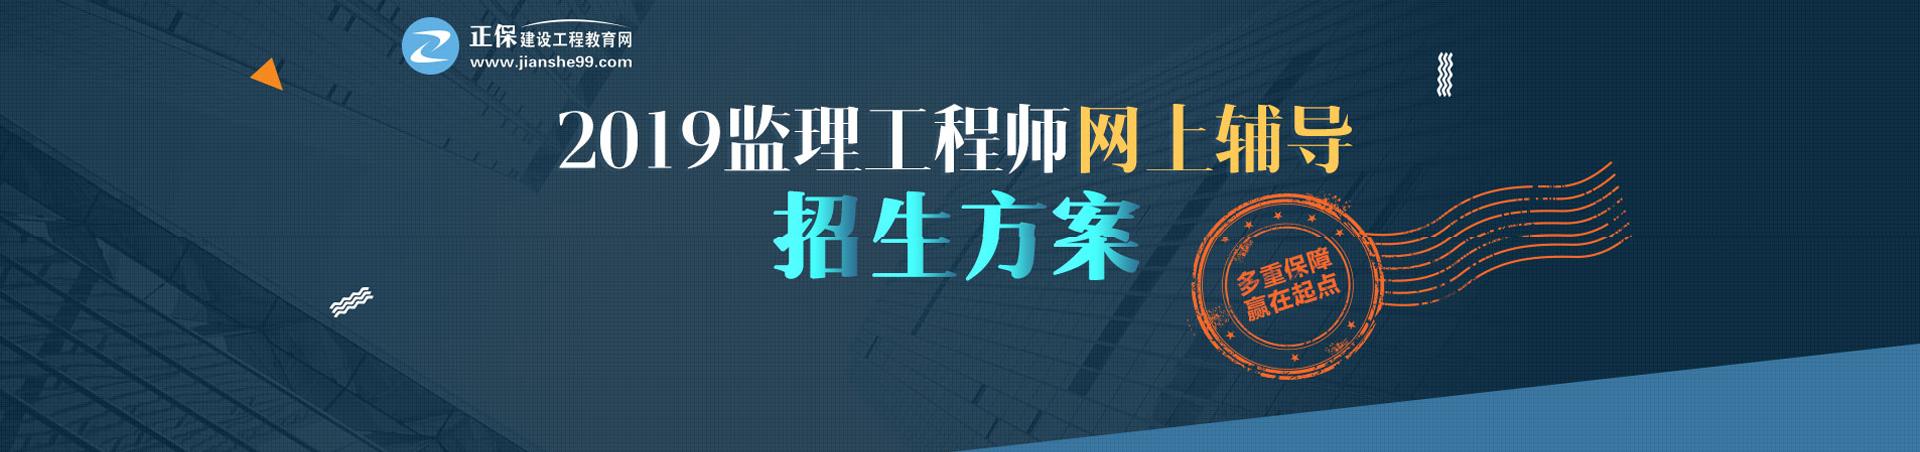 监理工程师北京网络培训